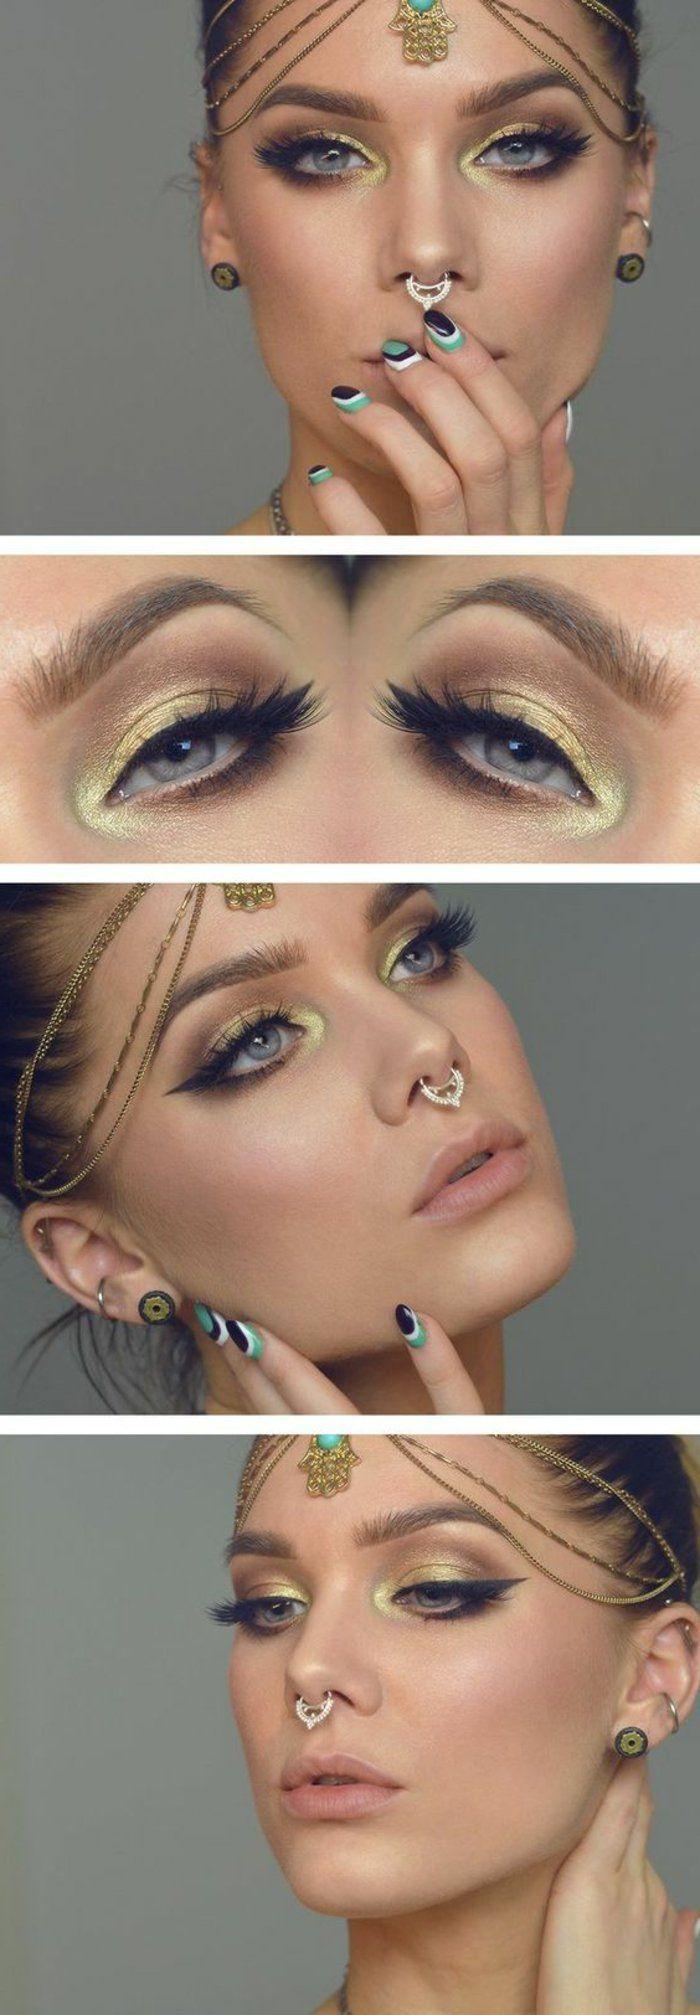 idée maquillage style bollywood, nuances dorés sur yeux bleus